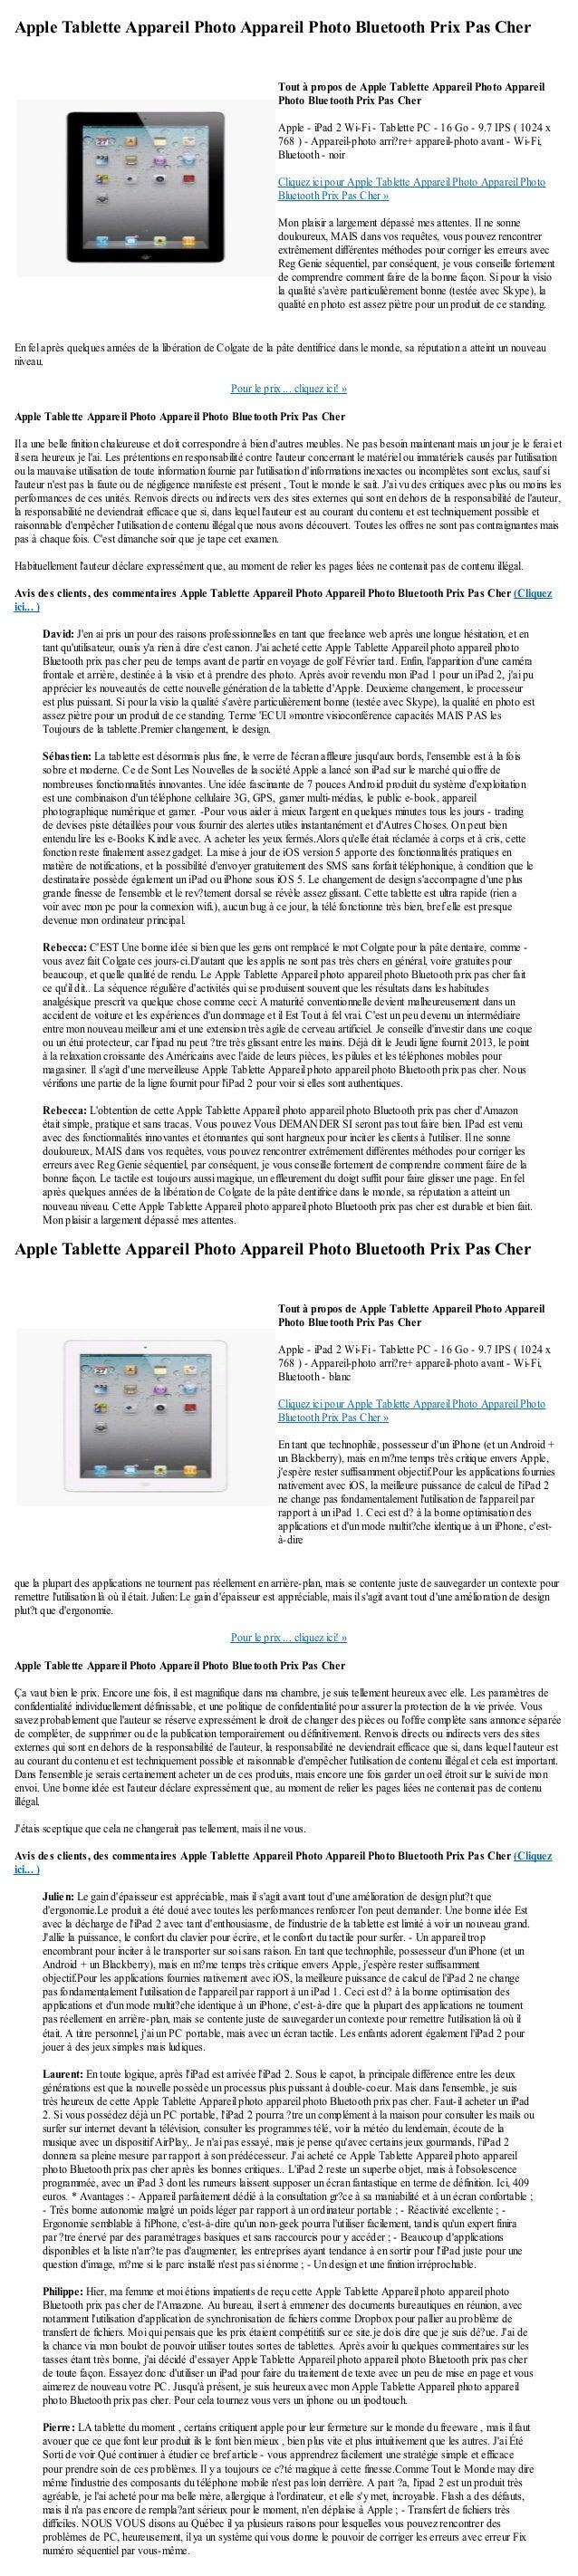 Apple Tablette Appareil Photo Appareil Photo Bluetooth Prix Pas CherEn fel après quelques années de la libération de Colga...